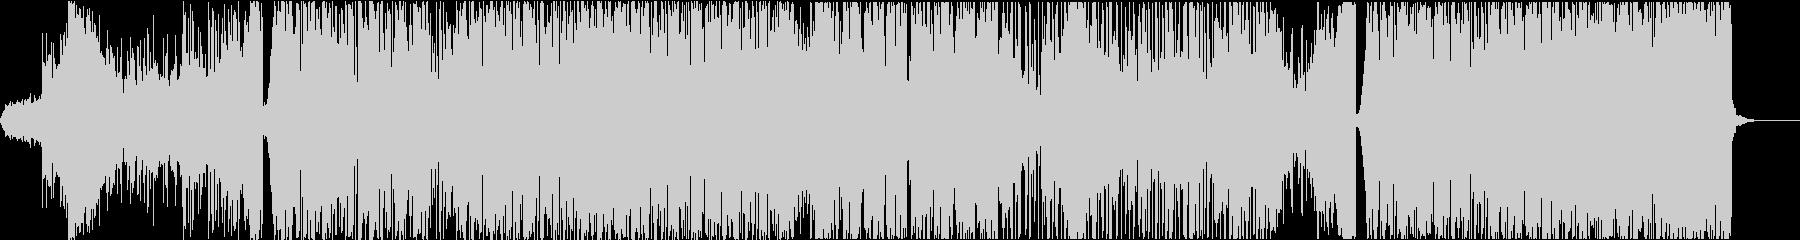 ダウンテンポ・トラップ・エレクトロの未再生の波形